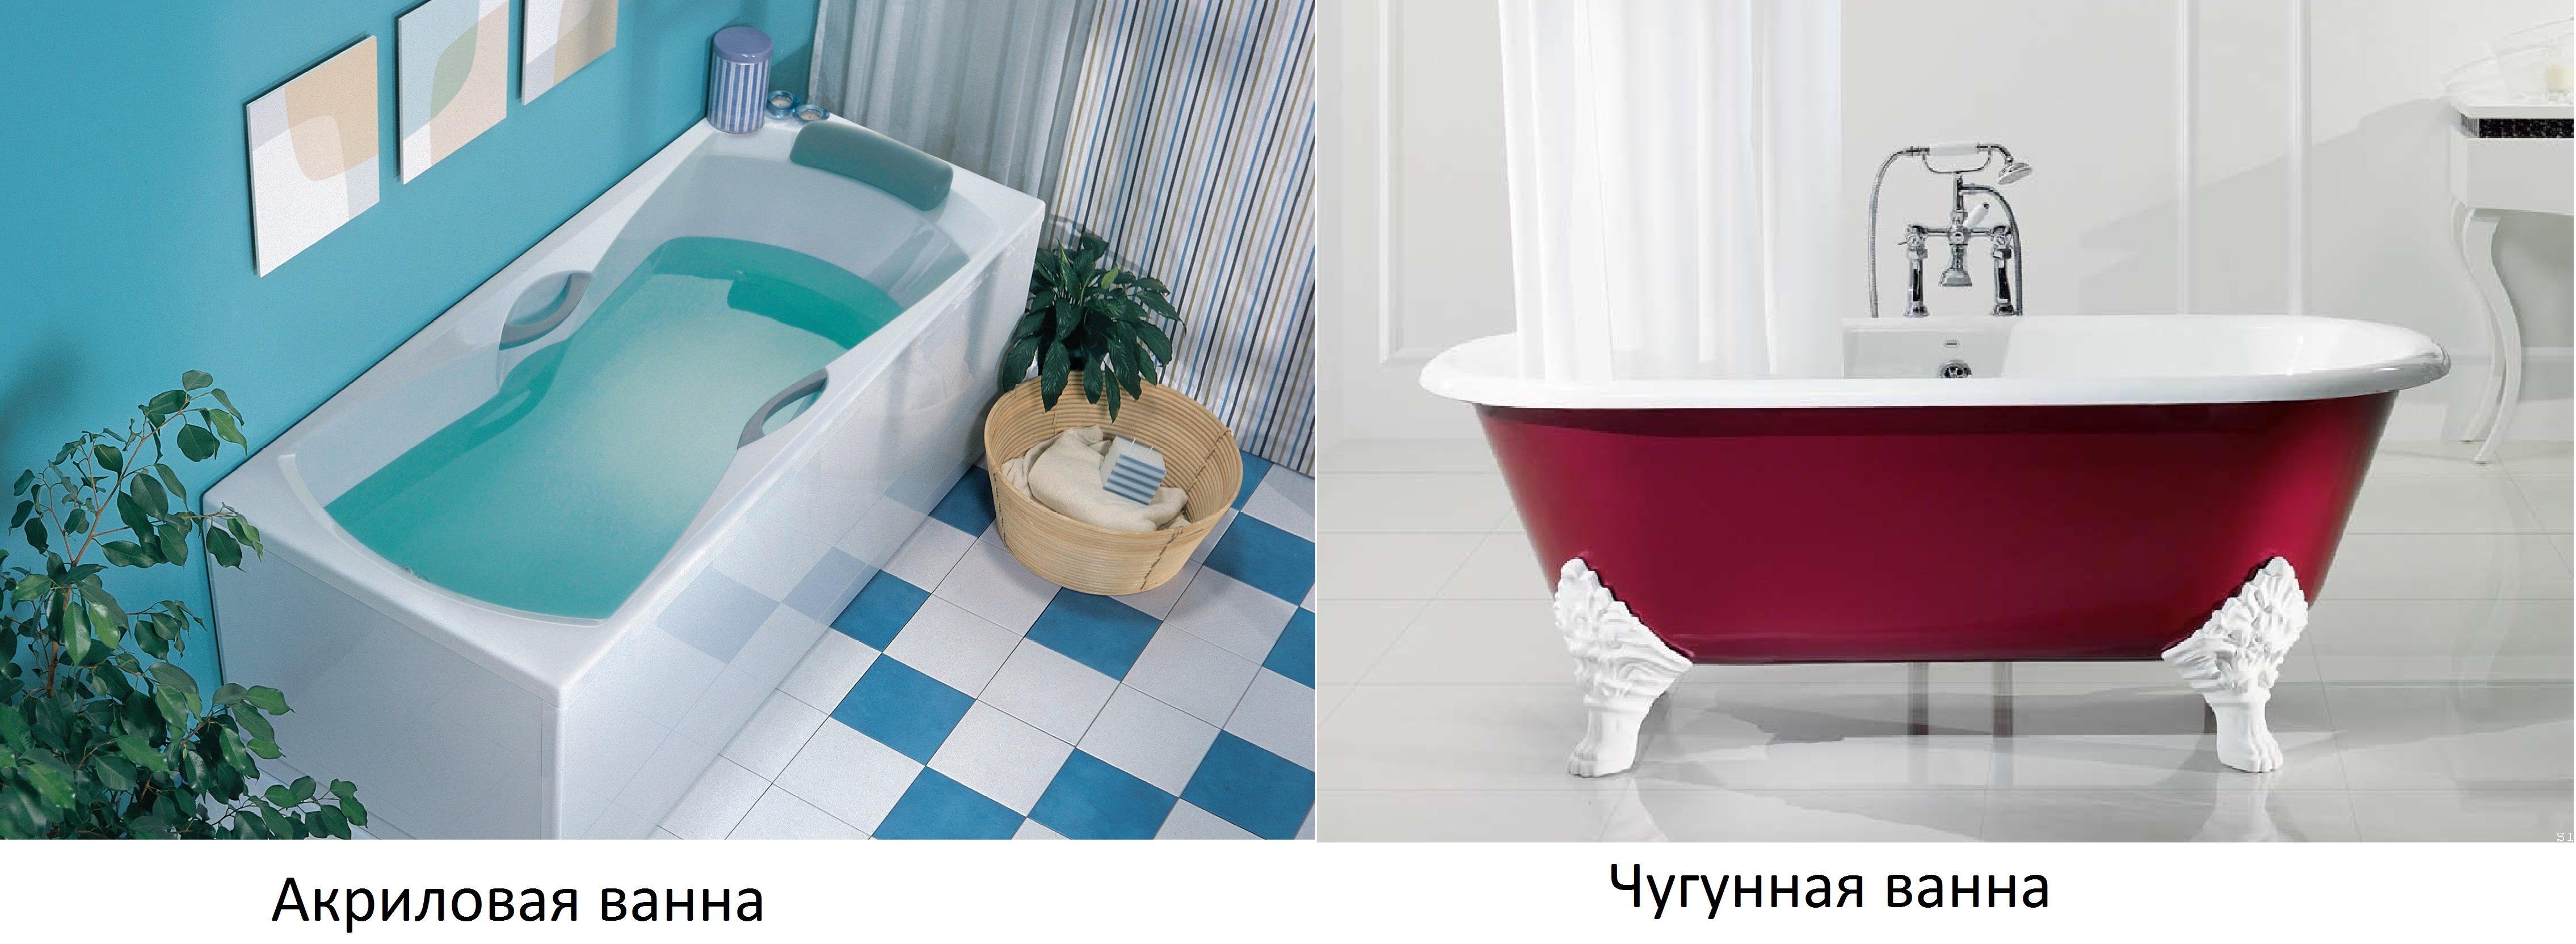 Какая ванна лучше акриловая или чугунная: выбираем, что и как, рассмотрим недостатки и преимущества